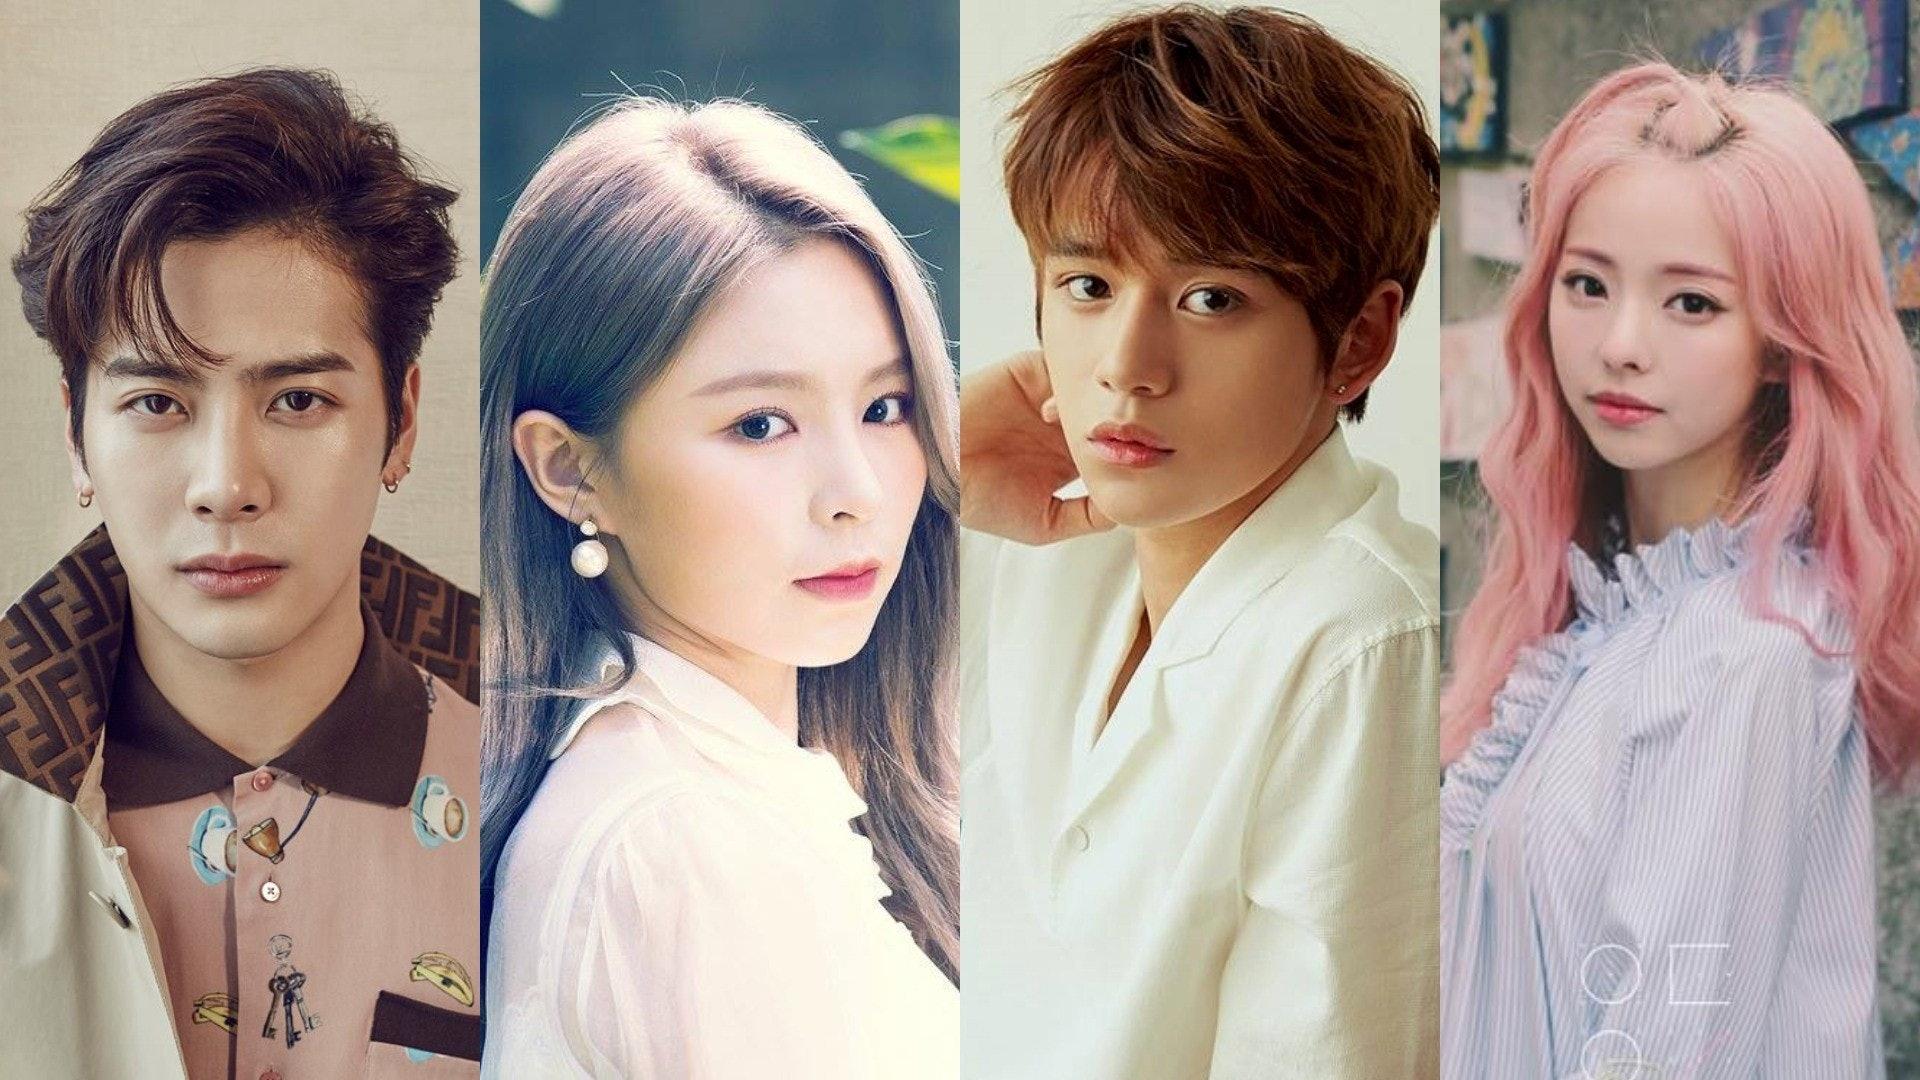 韩团中国籍成员获力捧! CLC庄锭欣、NCT黄旭熙相继发单曲和合作曲插图2